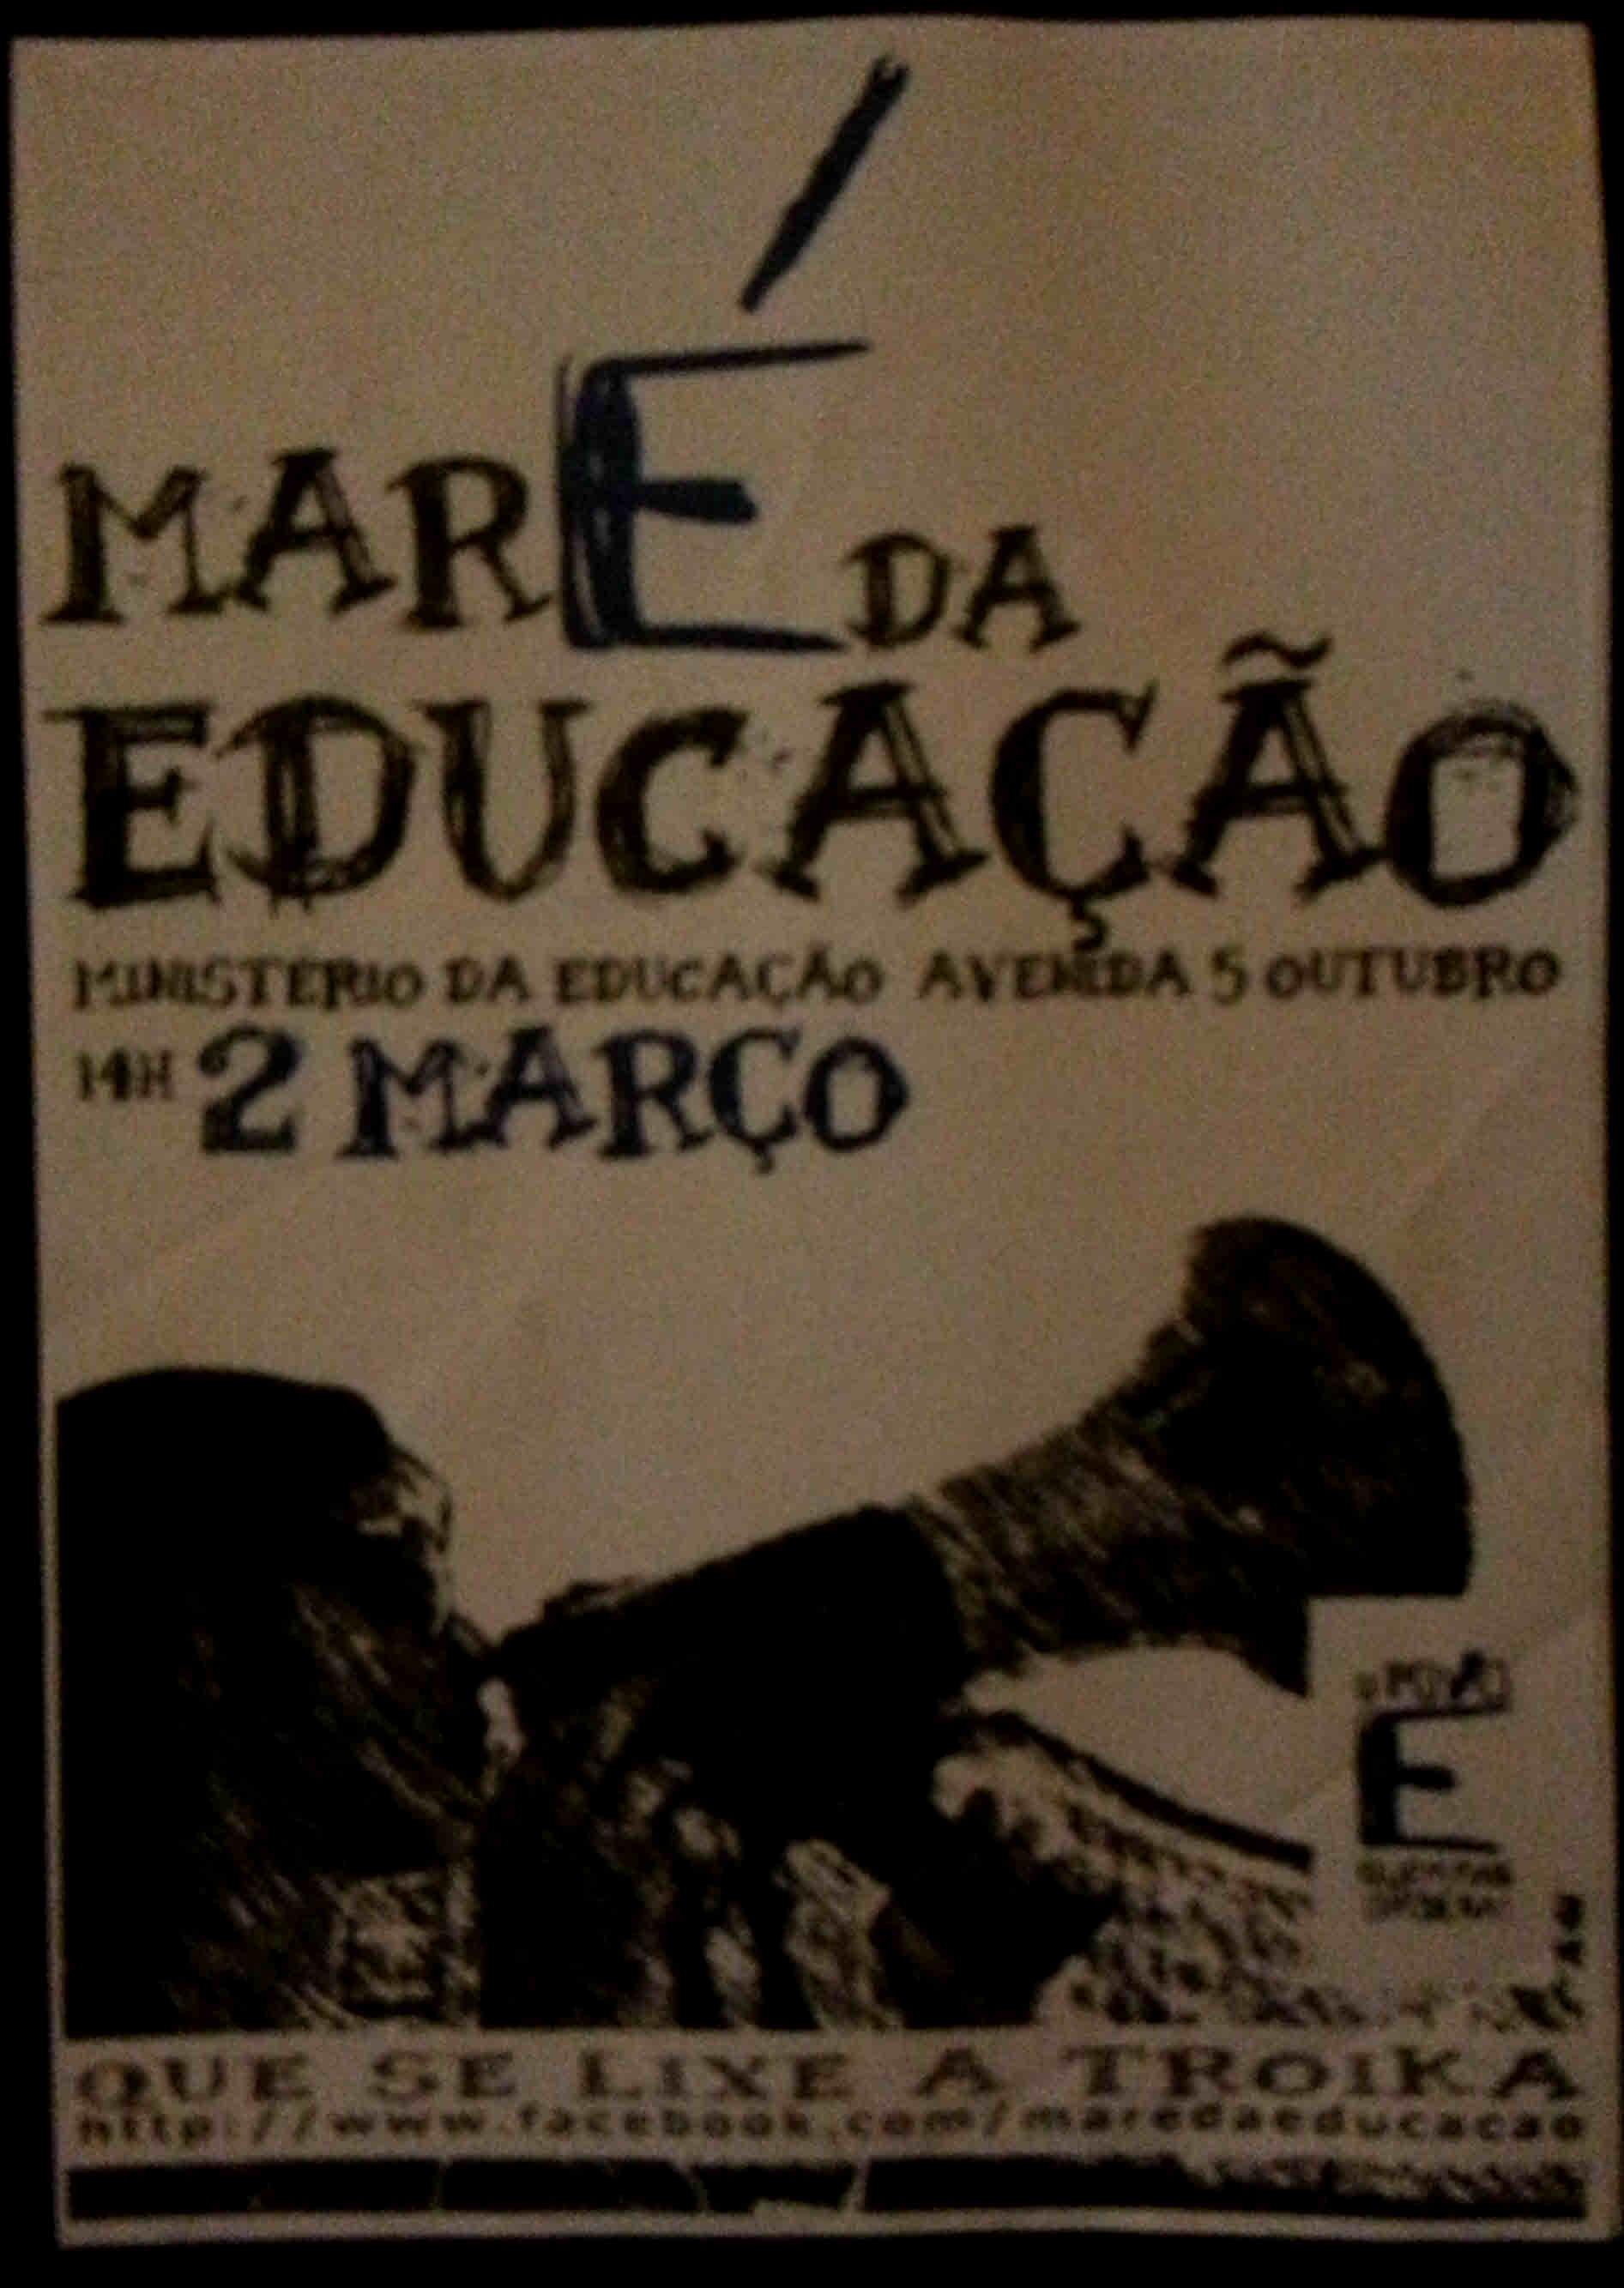 Mare_Educacao_cartaz